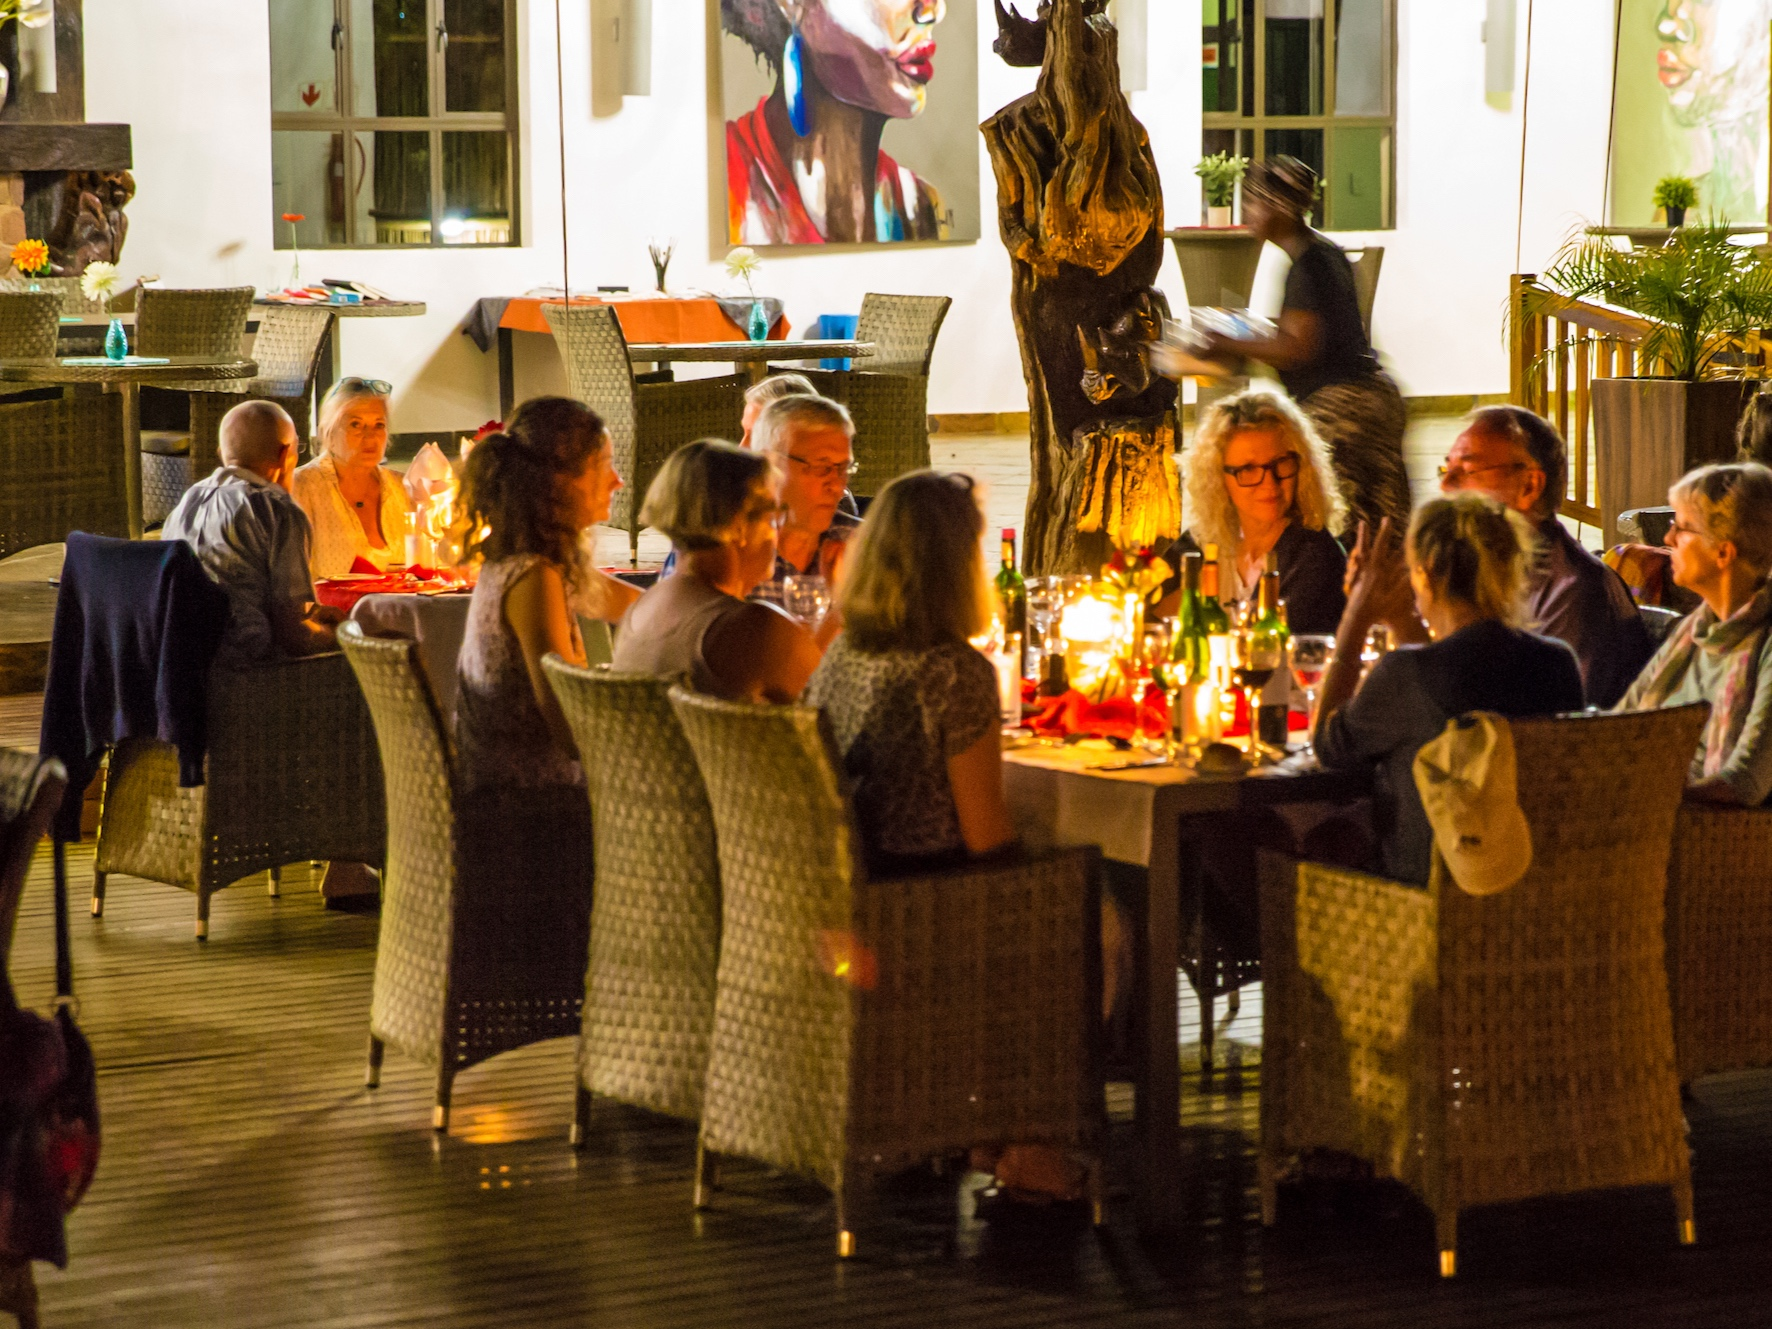 rhino+lodge+dinner+Kopie.jpg